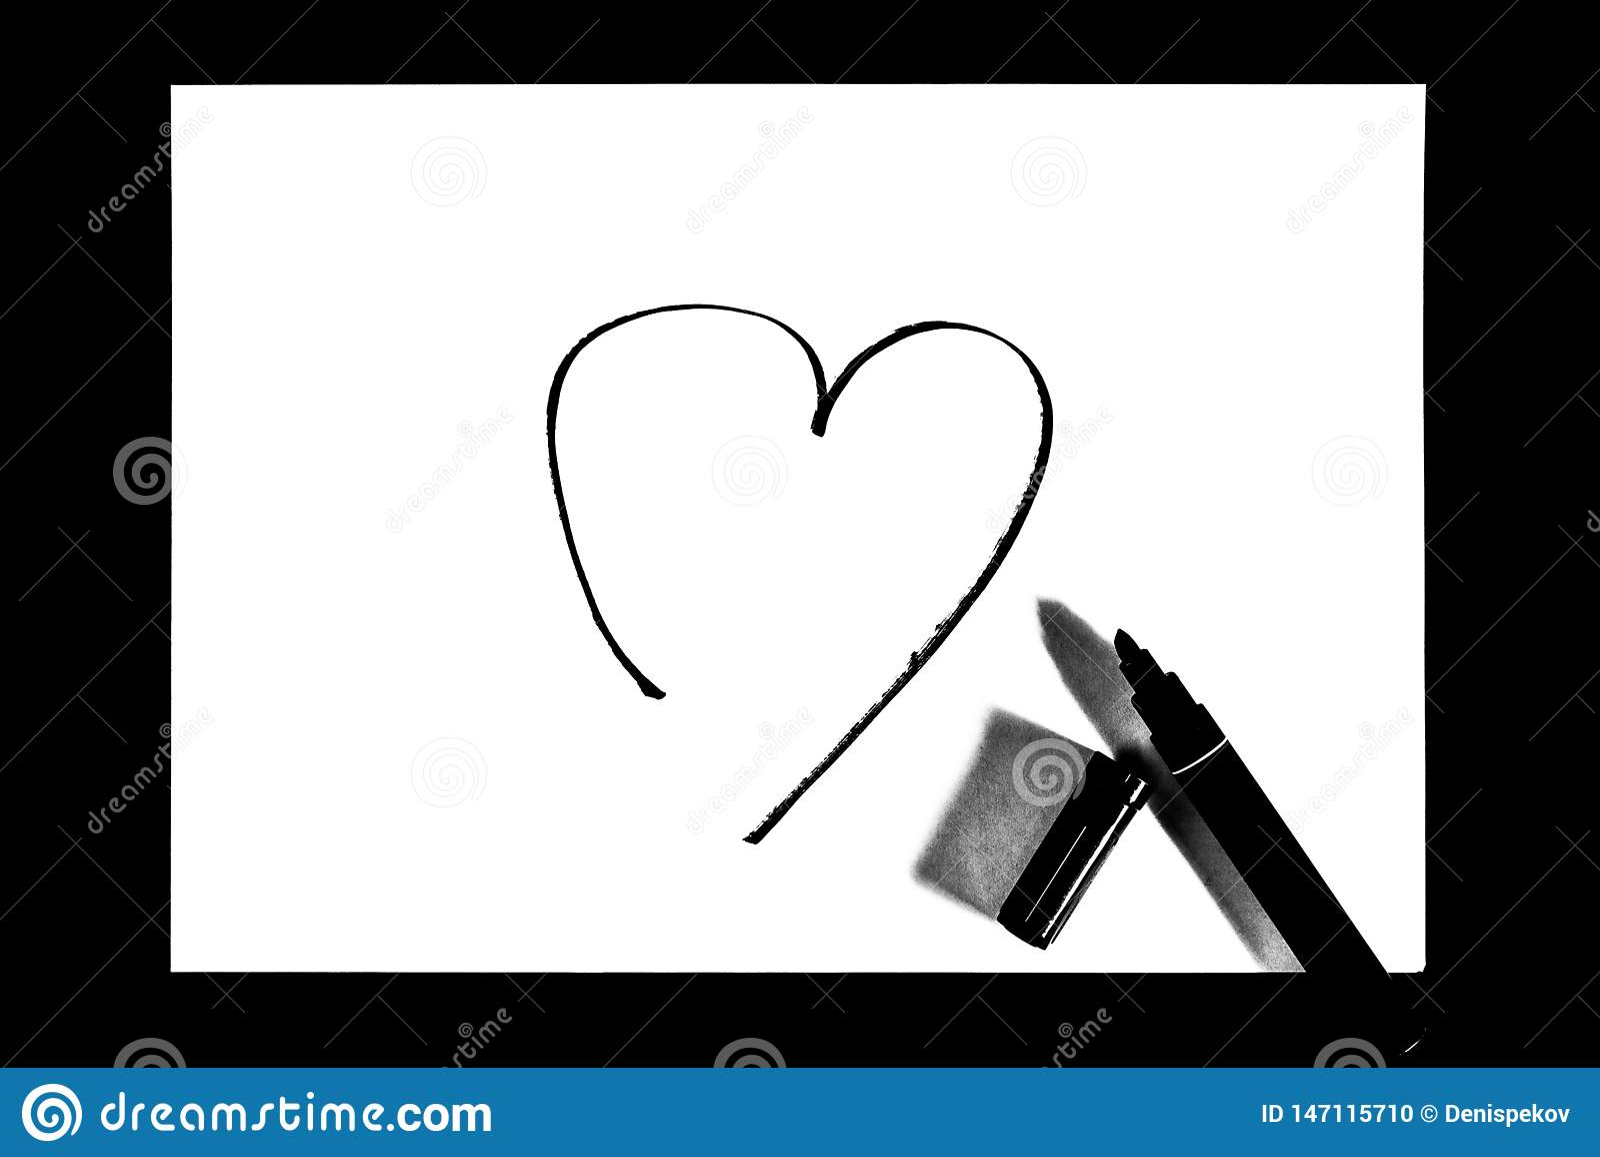 Hjärtan målas med markören, svartvitt foto